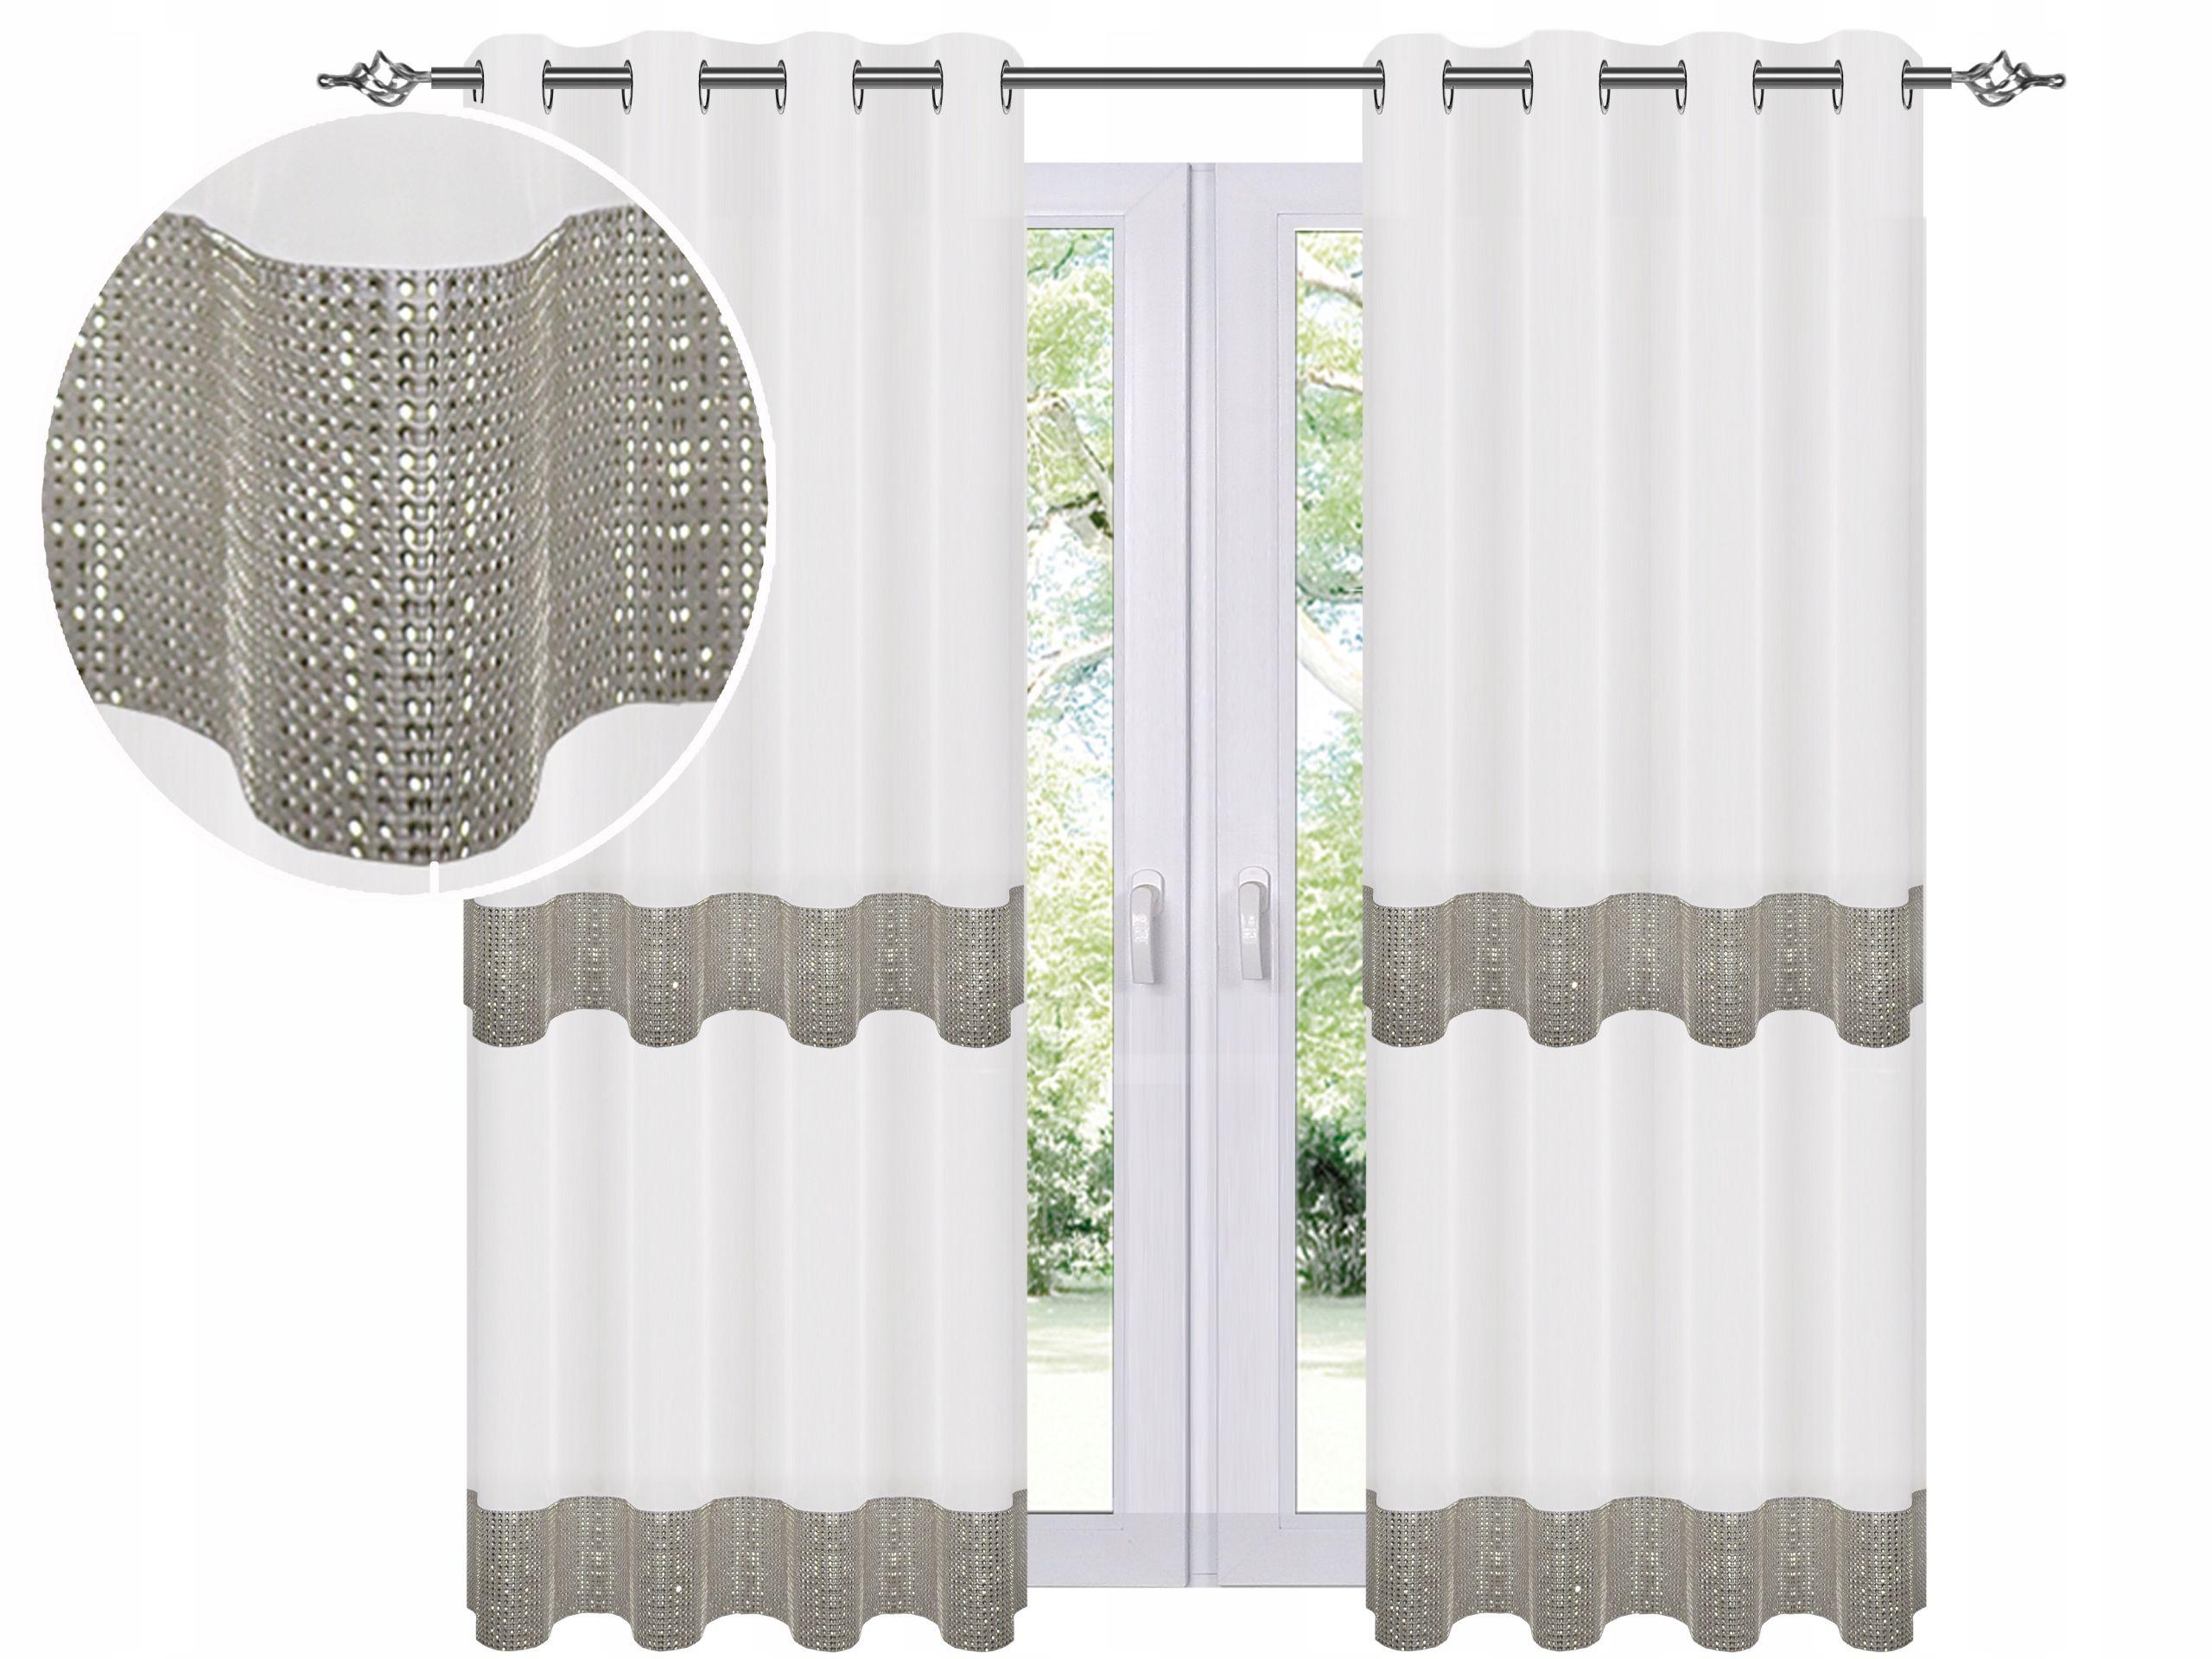 Firana Gotowa Na Przelotkach 150x250cm Cyrkonie 8416208272 Allegro Pl Home Decor Curtains Decor